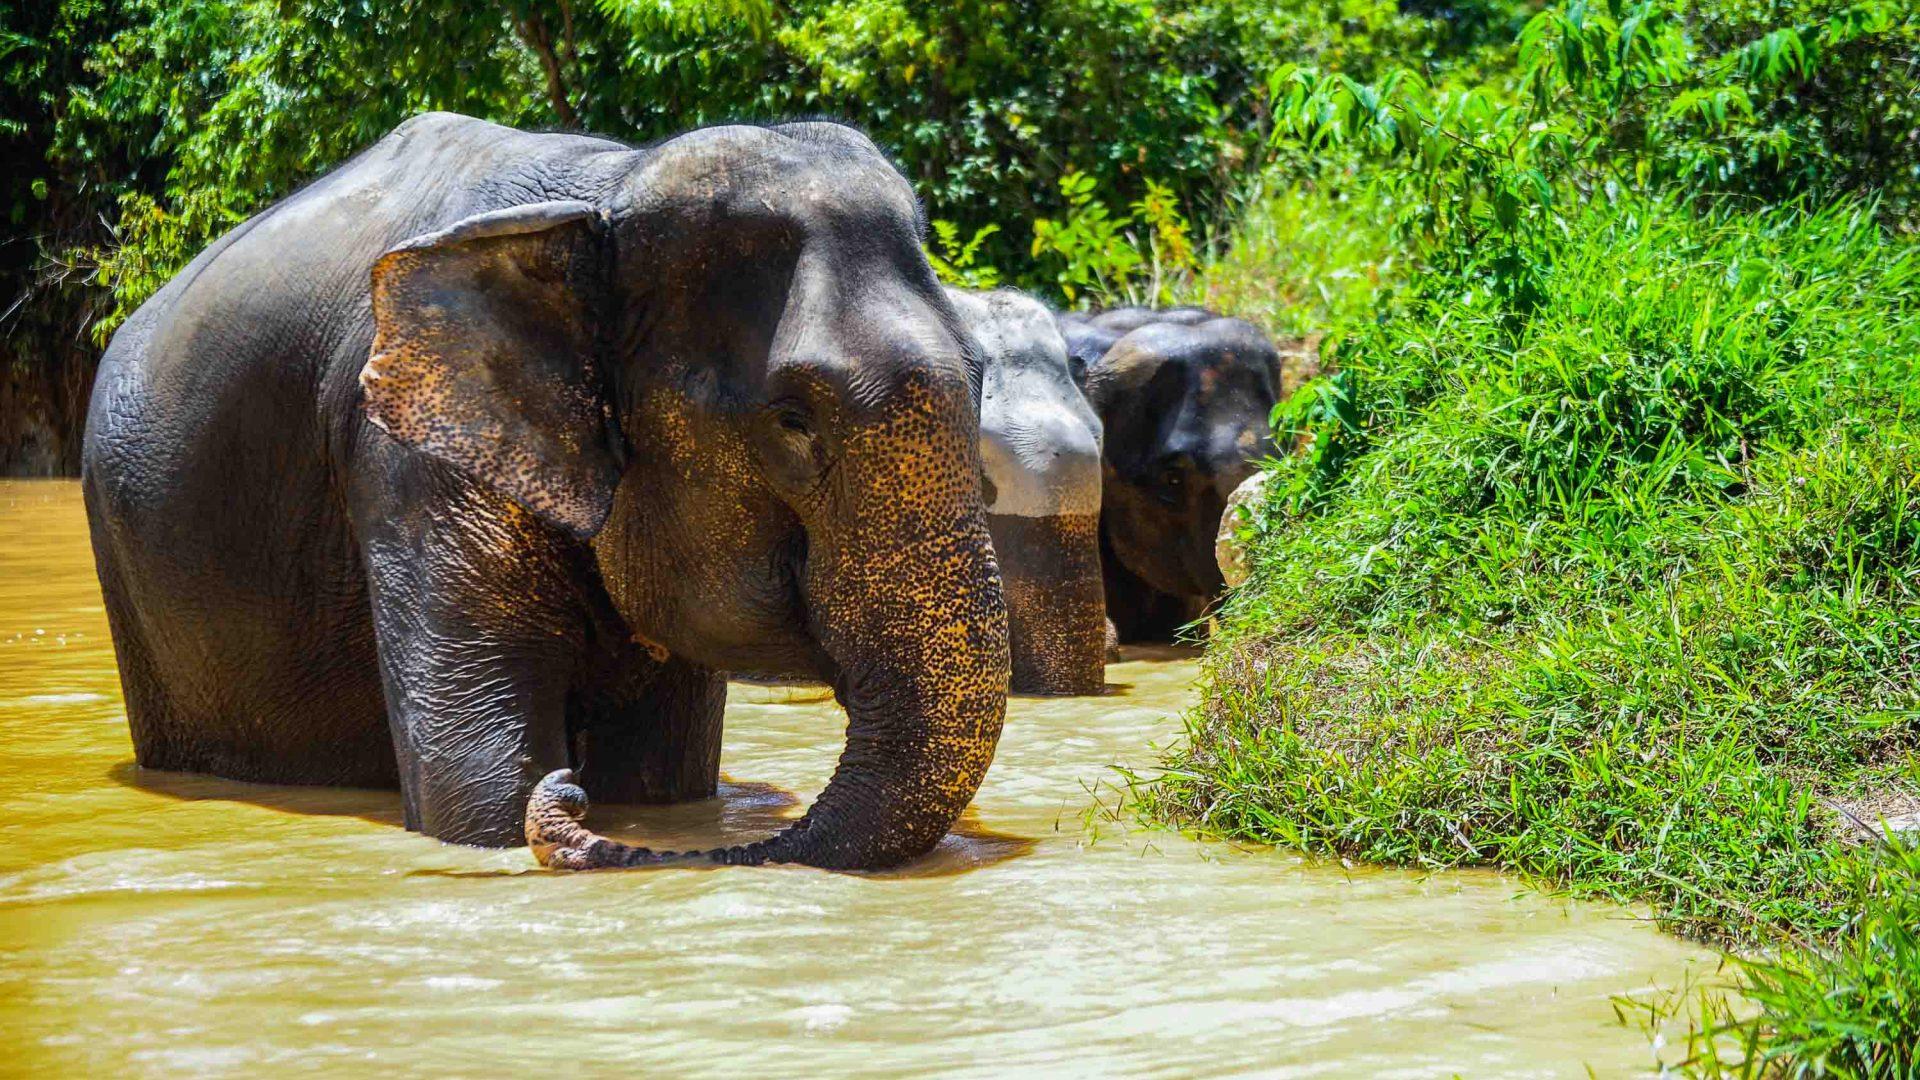 Elephants in the water.